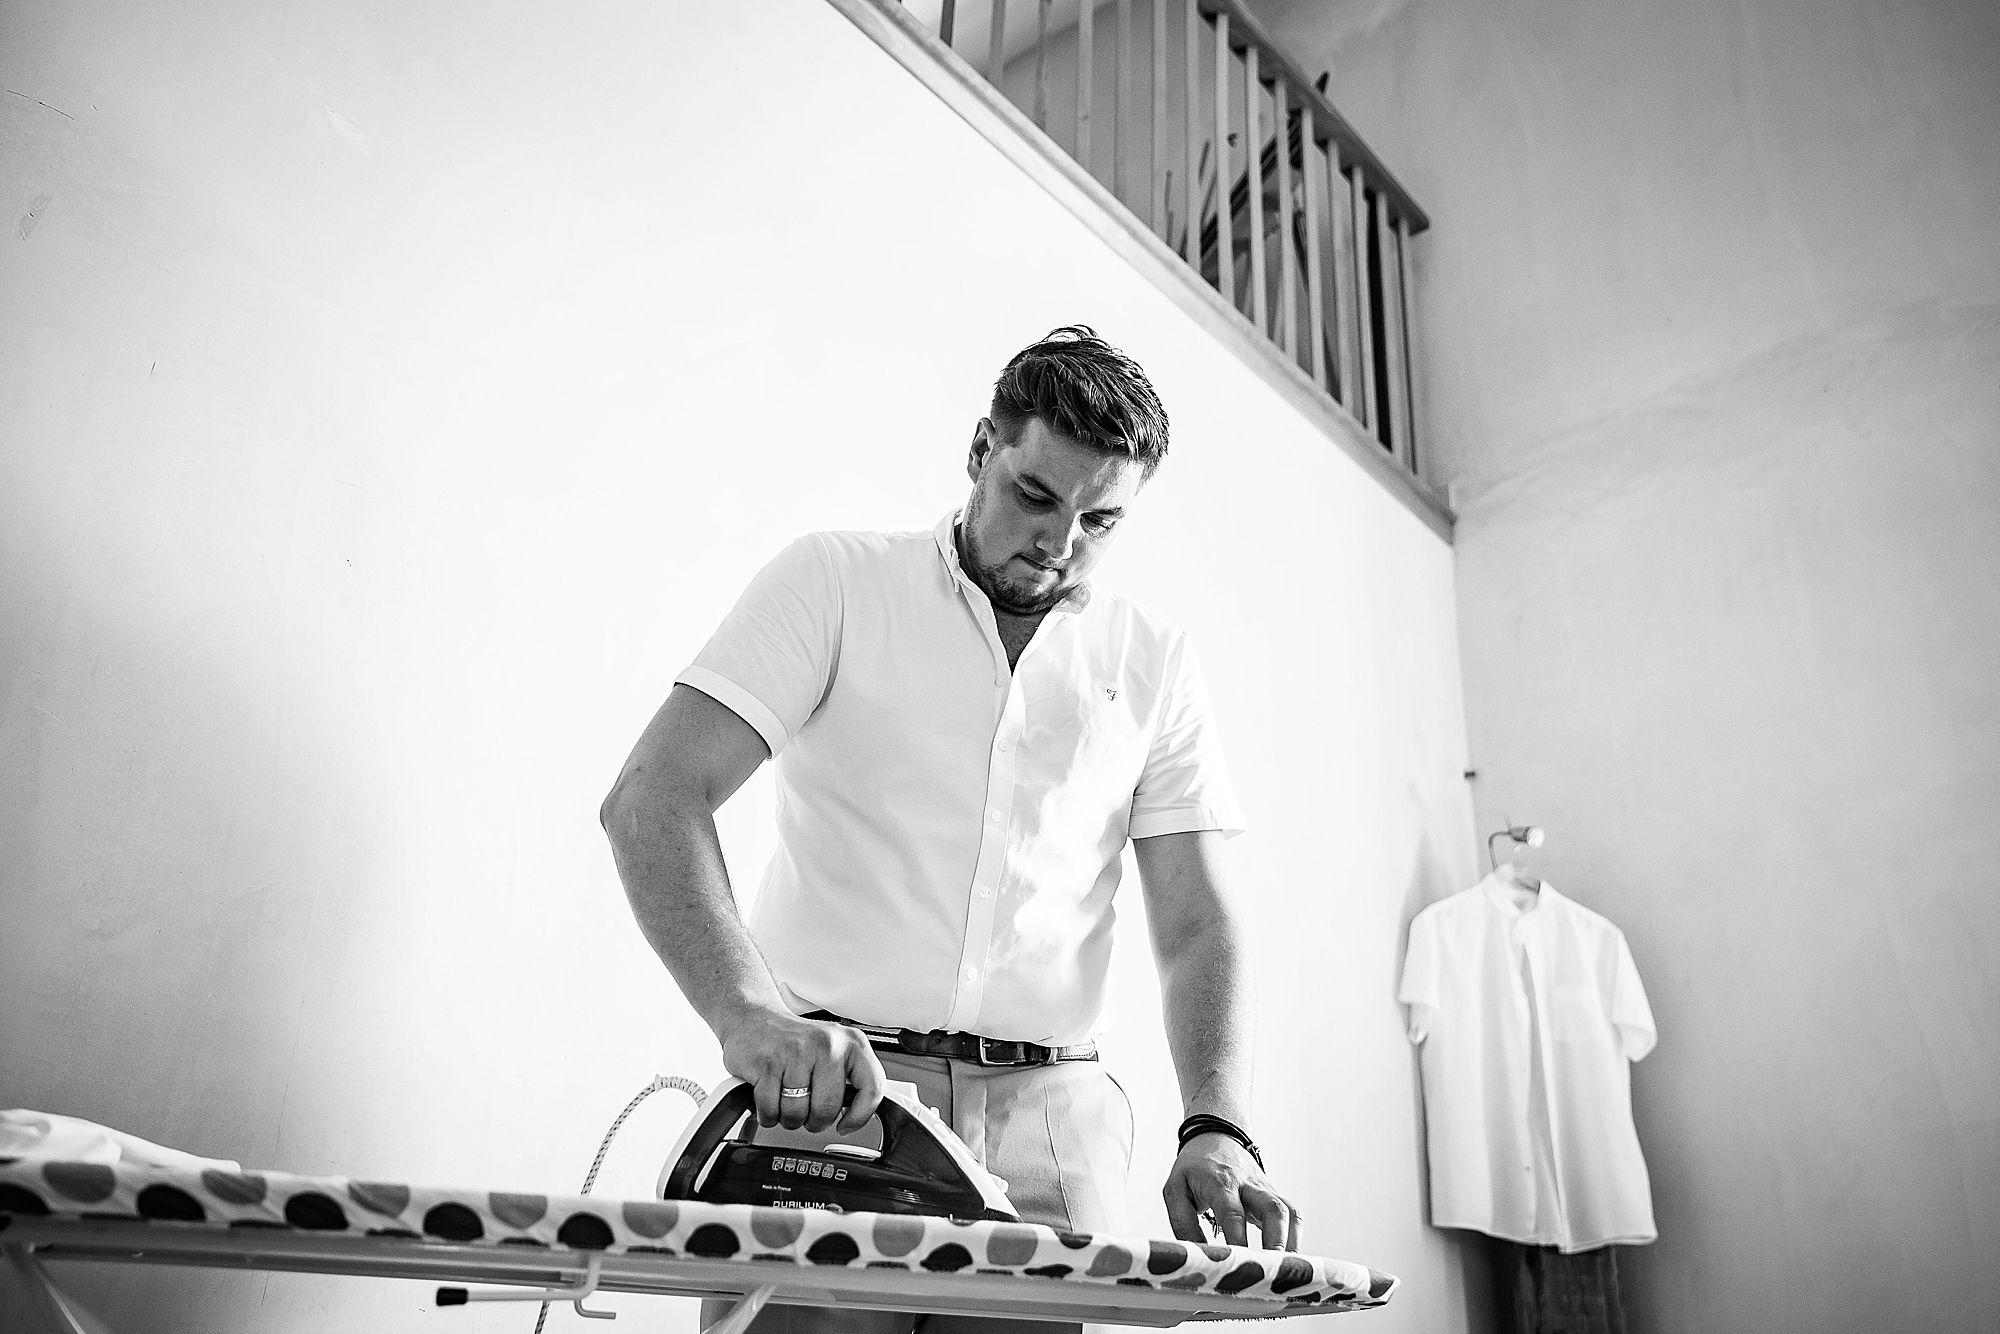 guy ironing